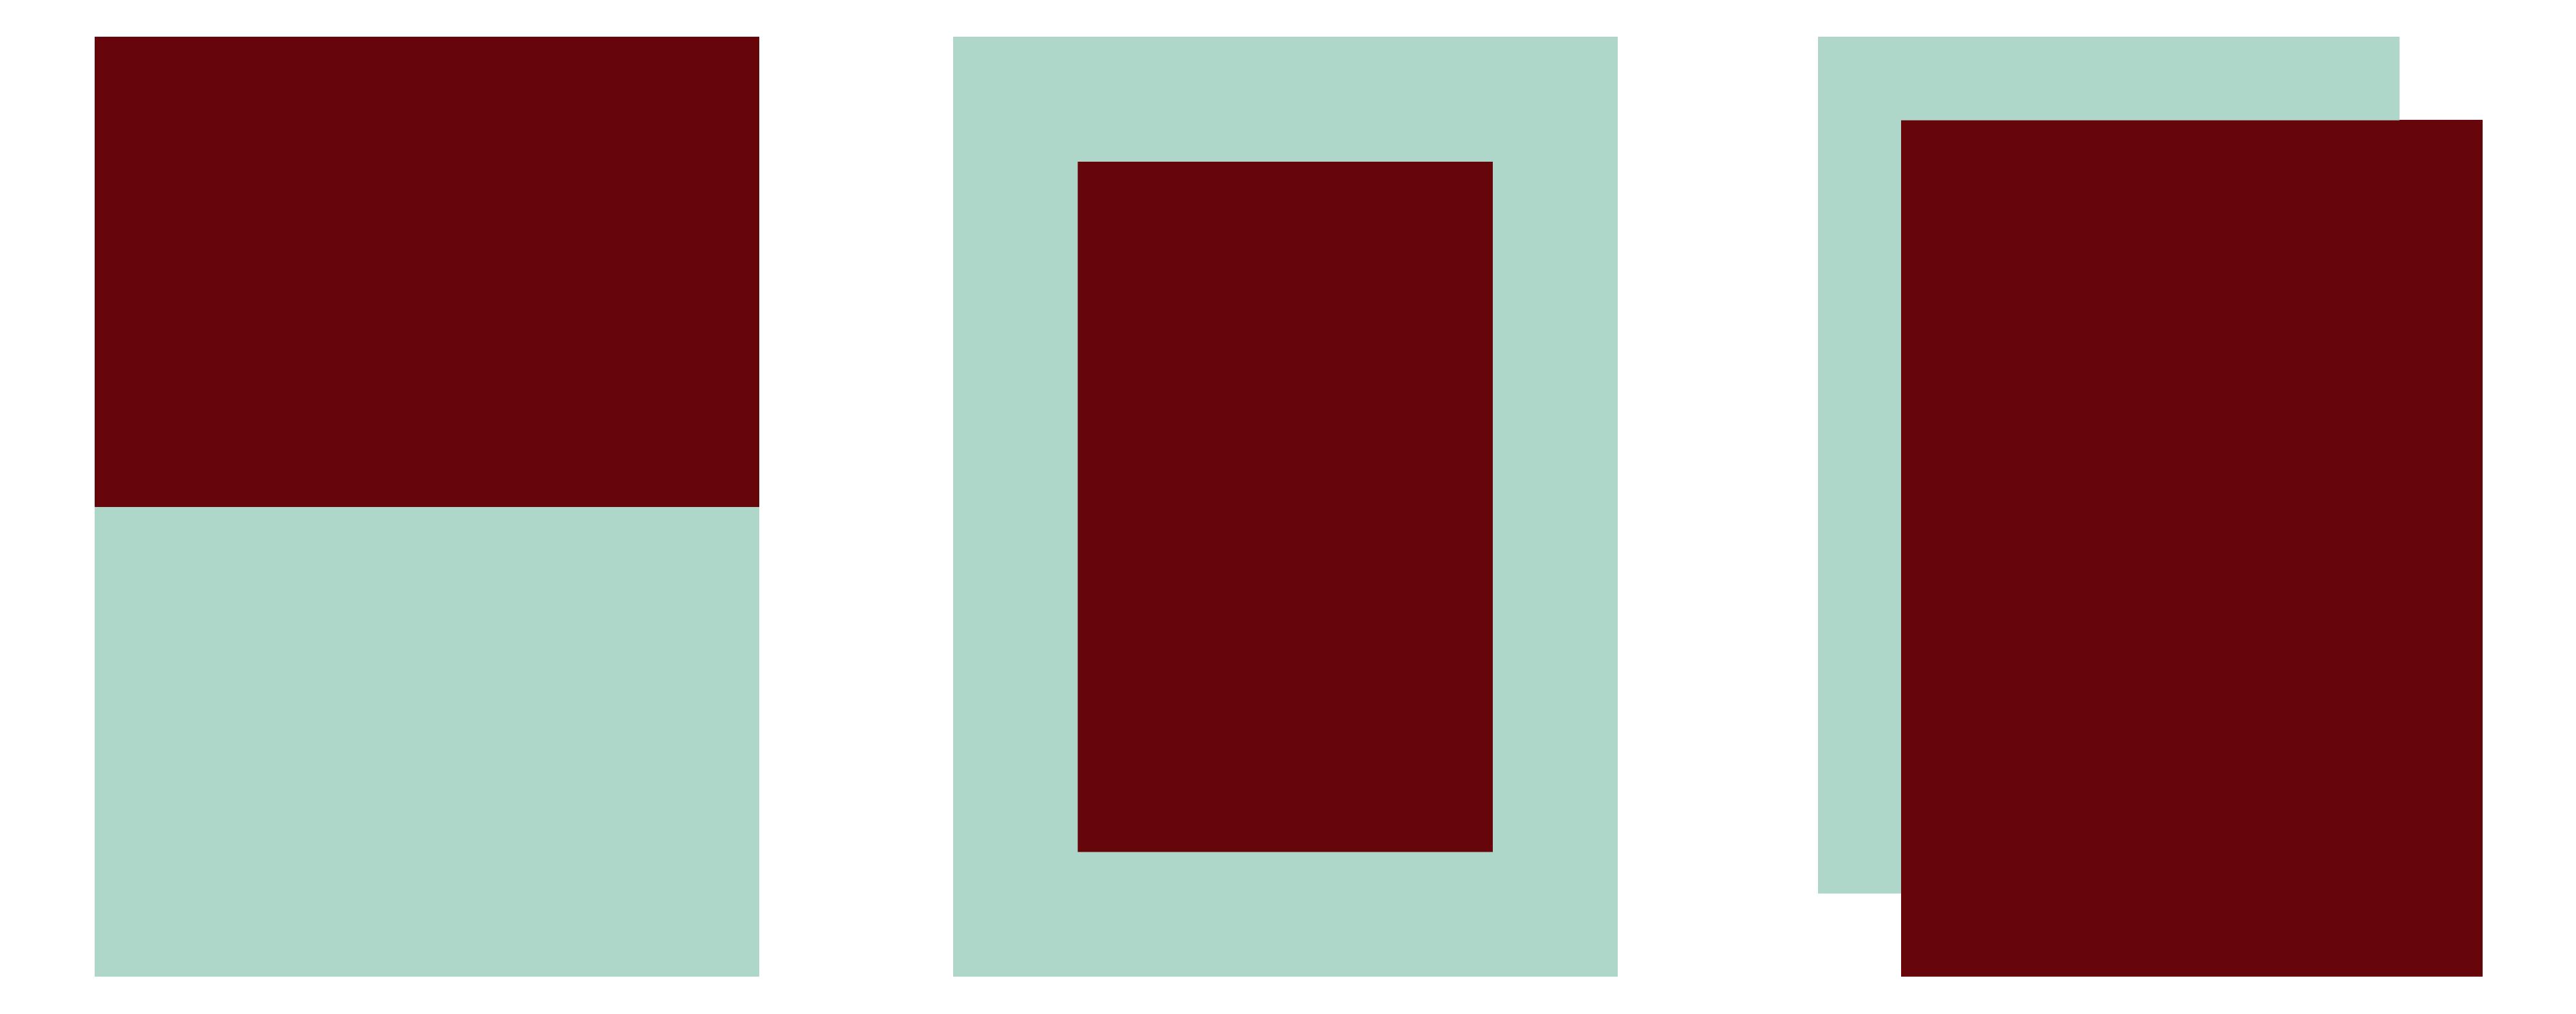 vmp_layoutprinsipper_bilder-01